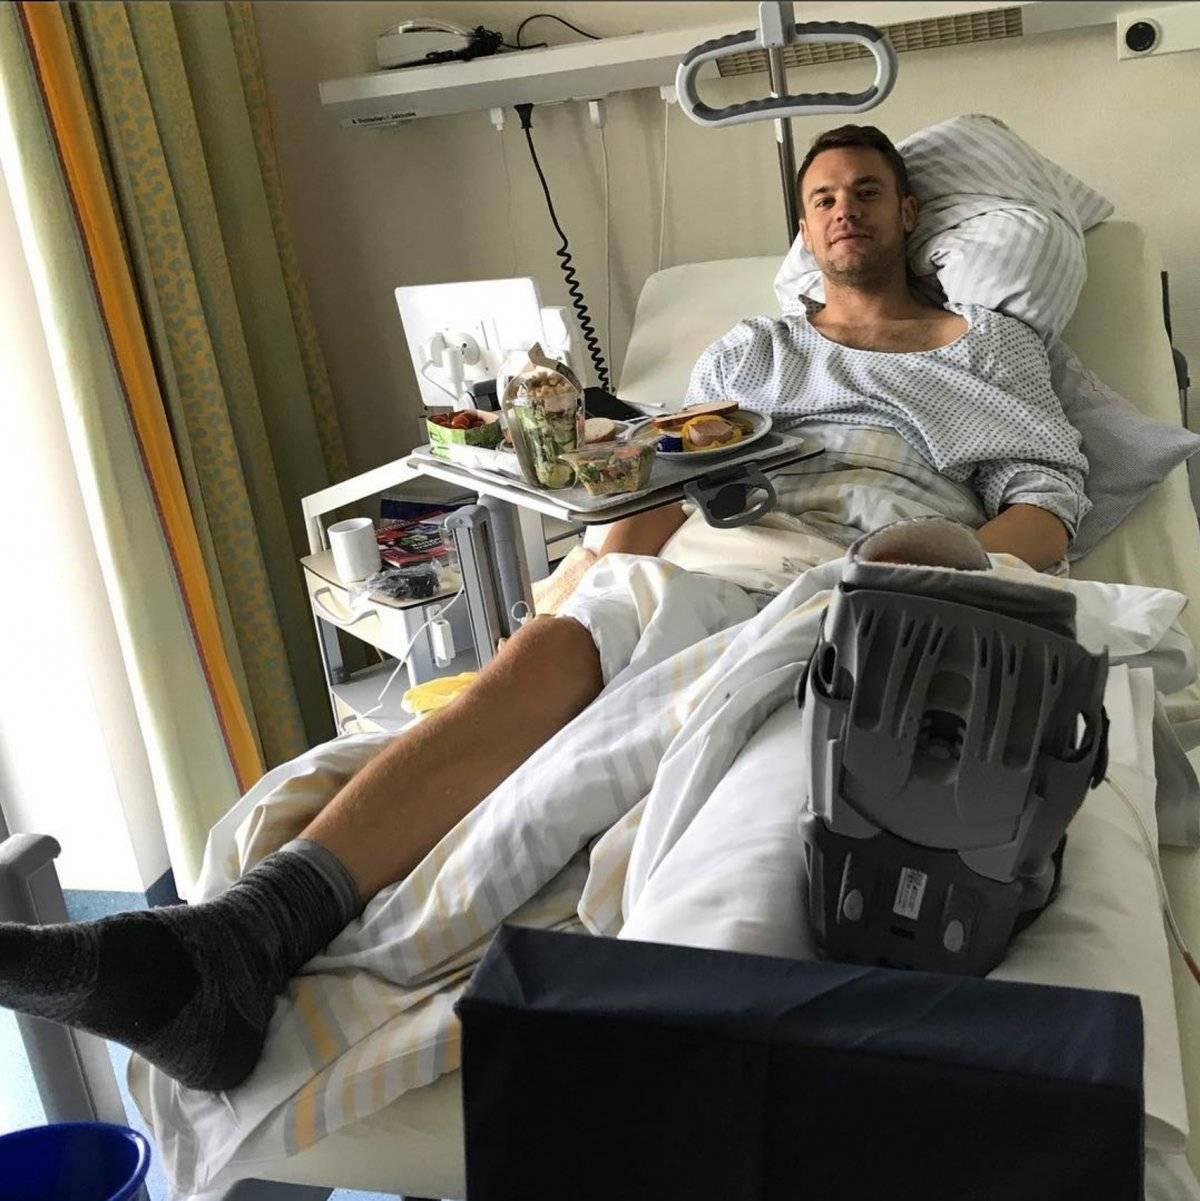 Neuer fue intervenido de su tobillo izquierdo